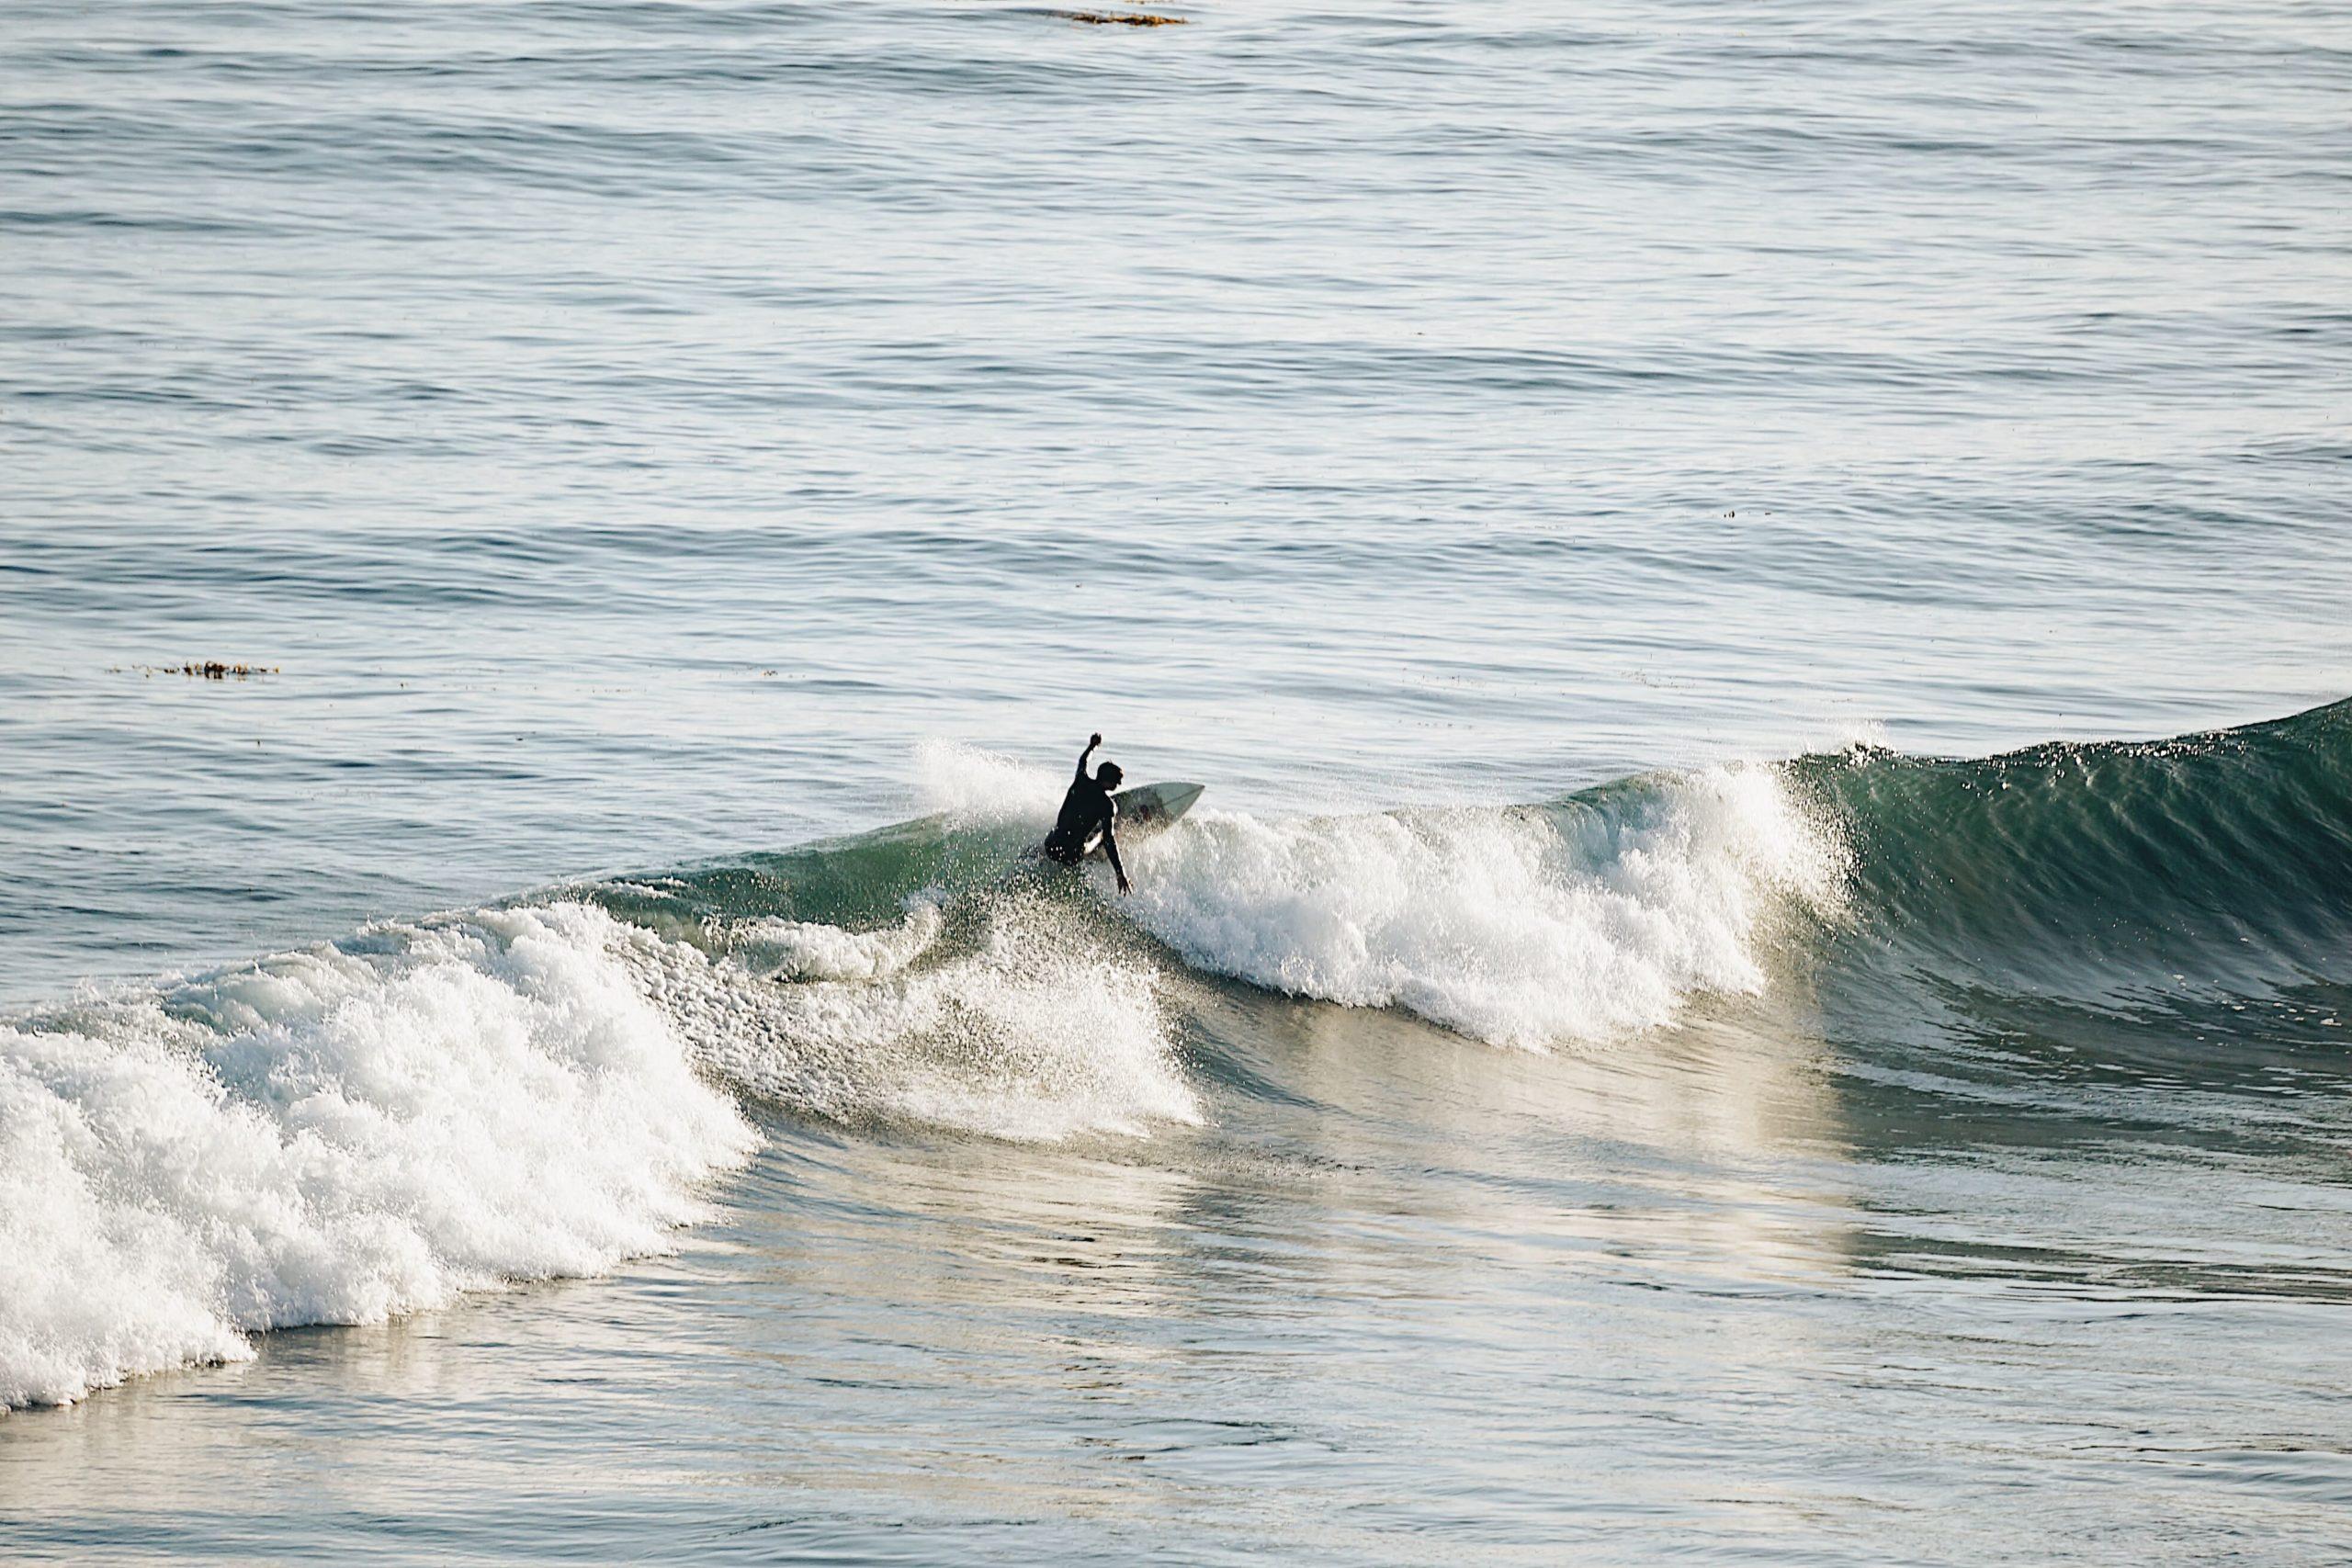 Malibu Surf Spots Zuma Beach